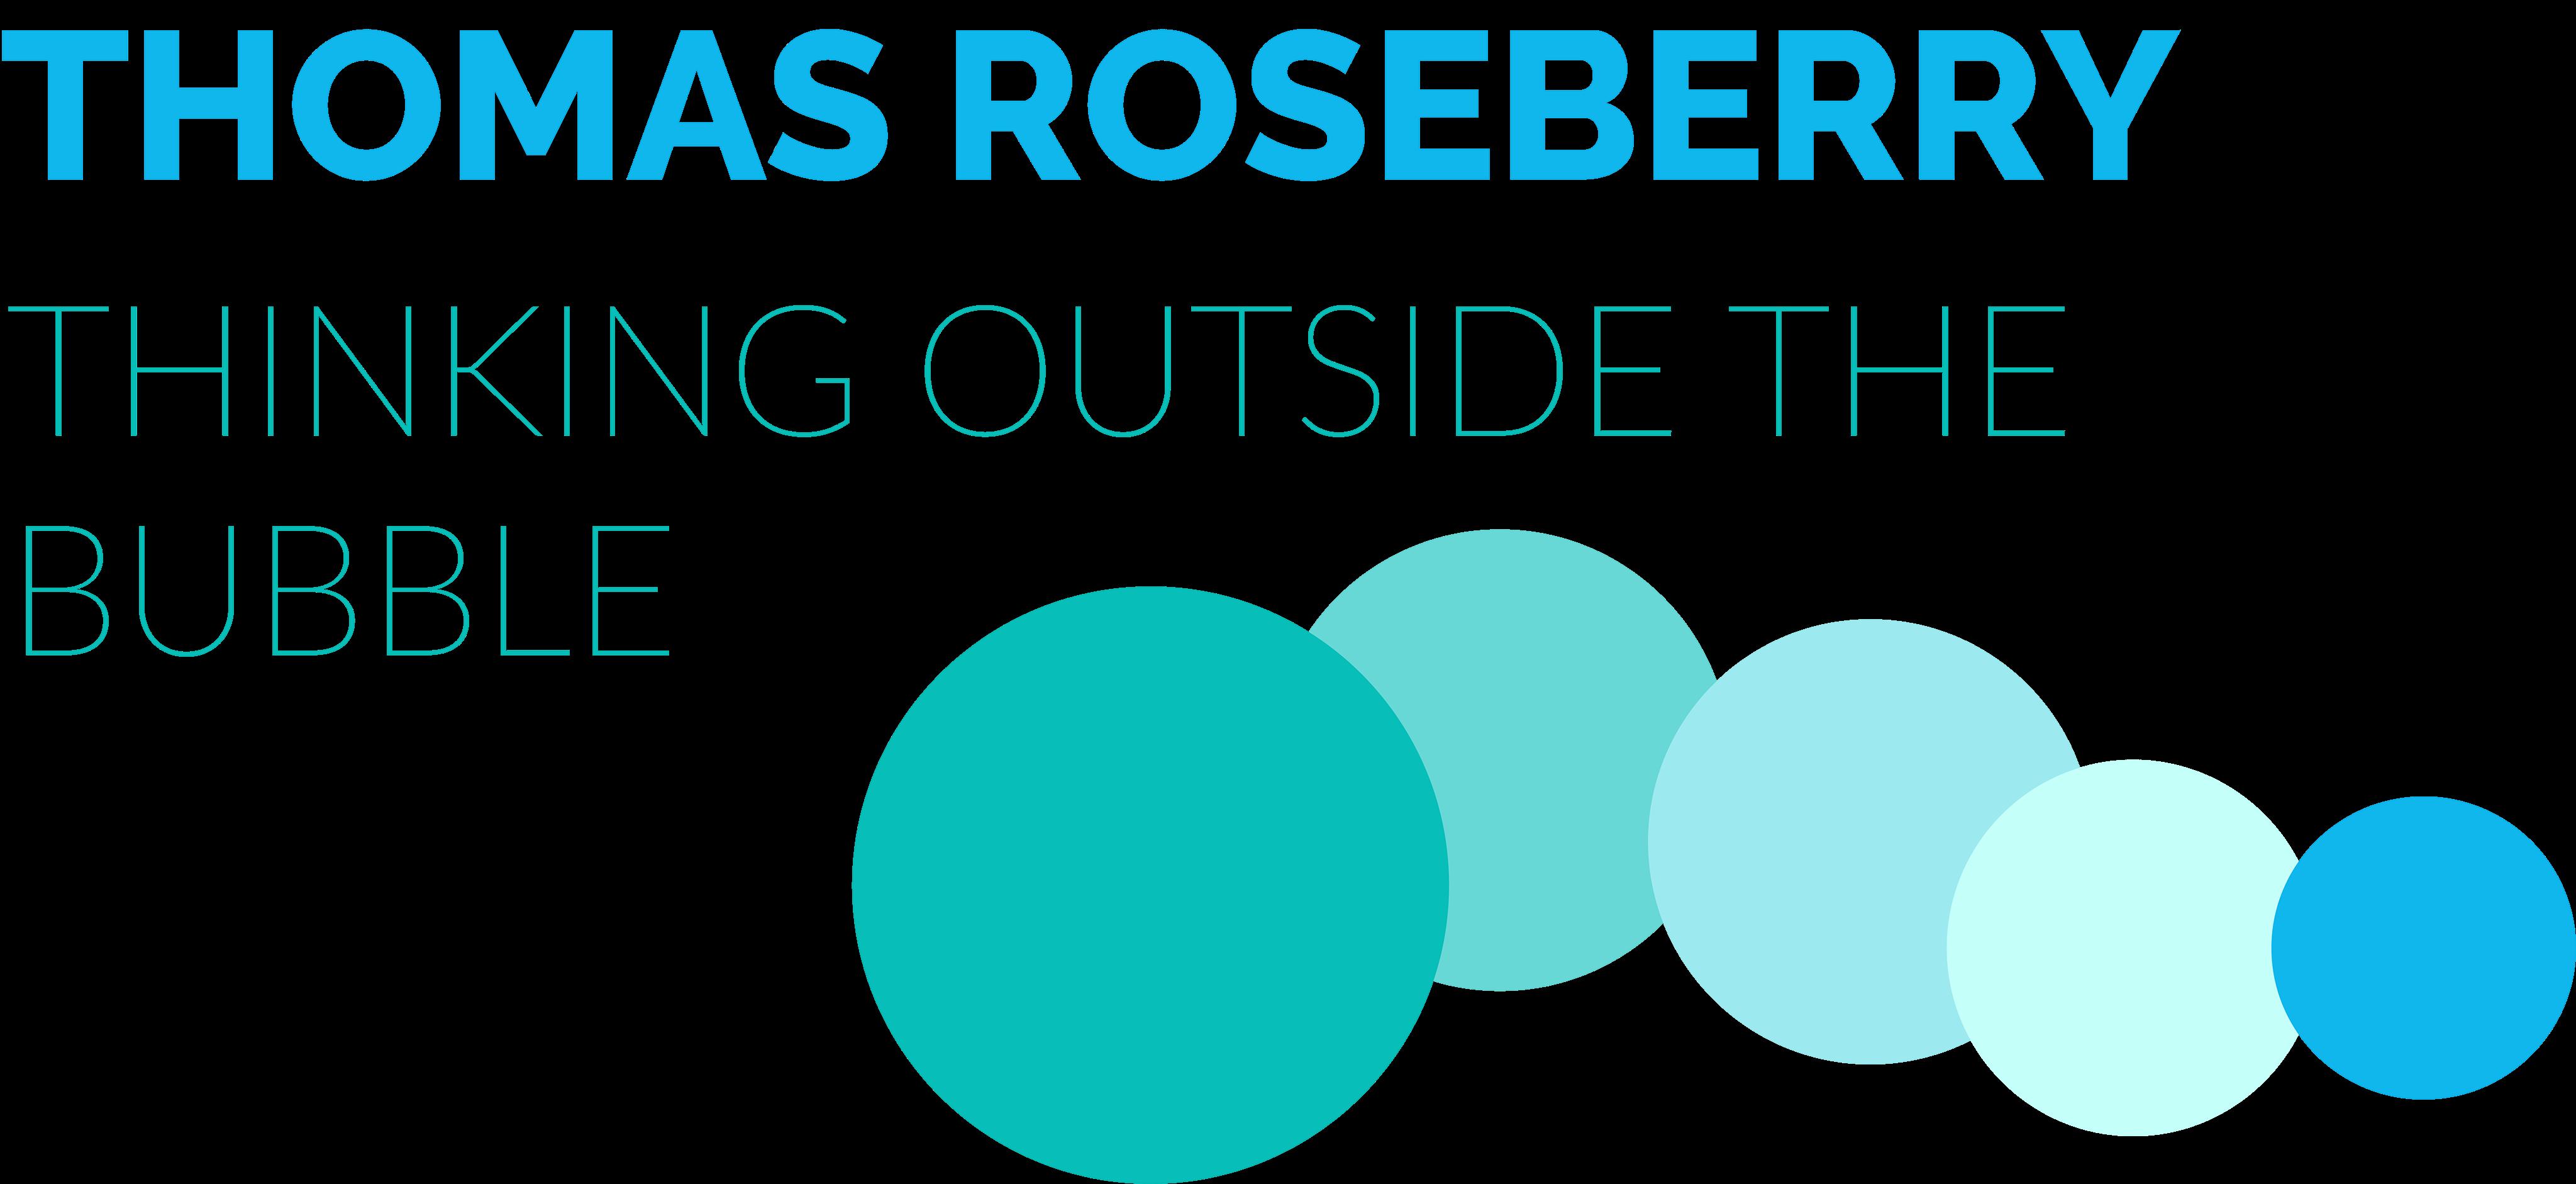 Thomas Roseberry